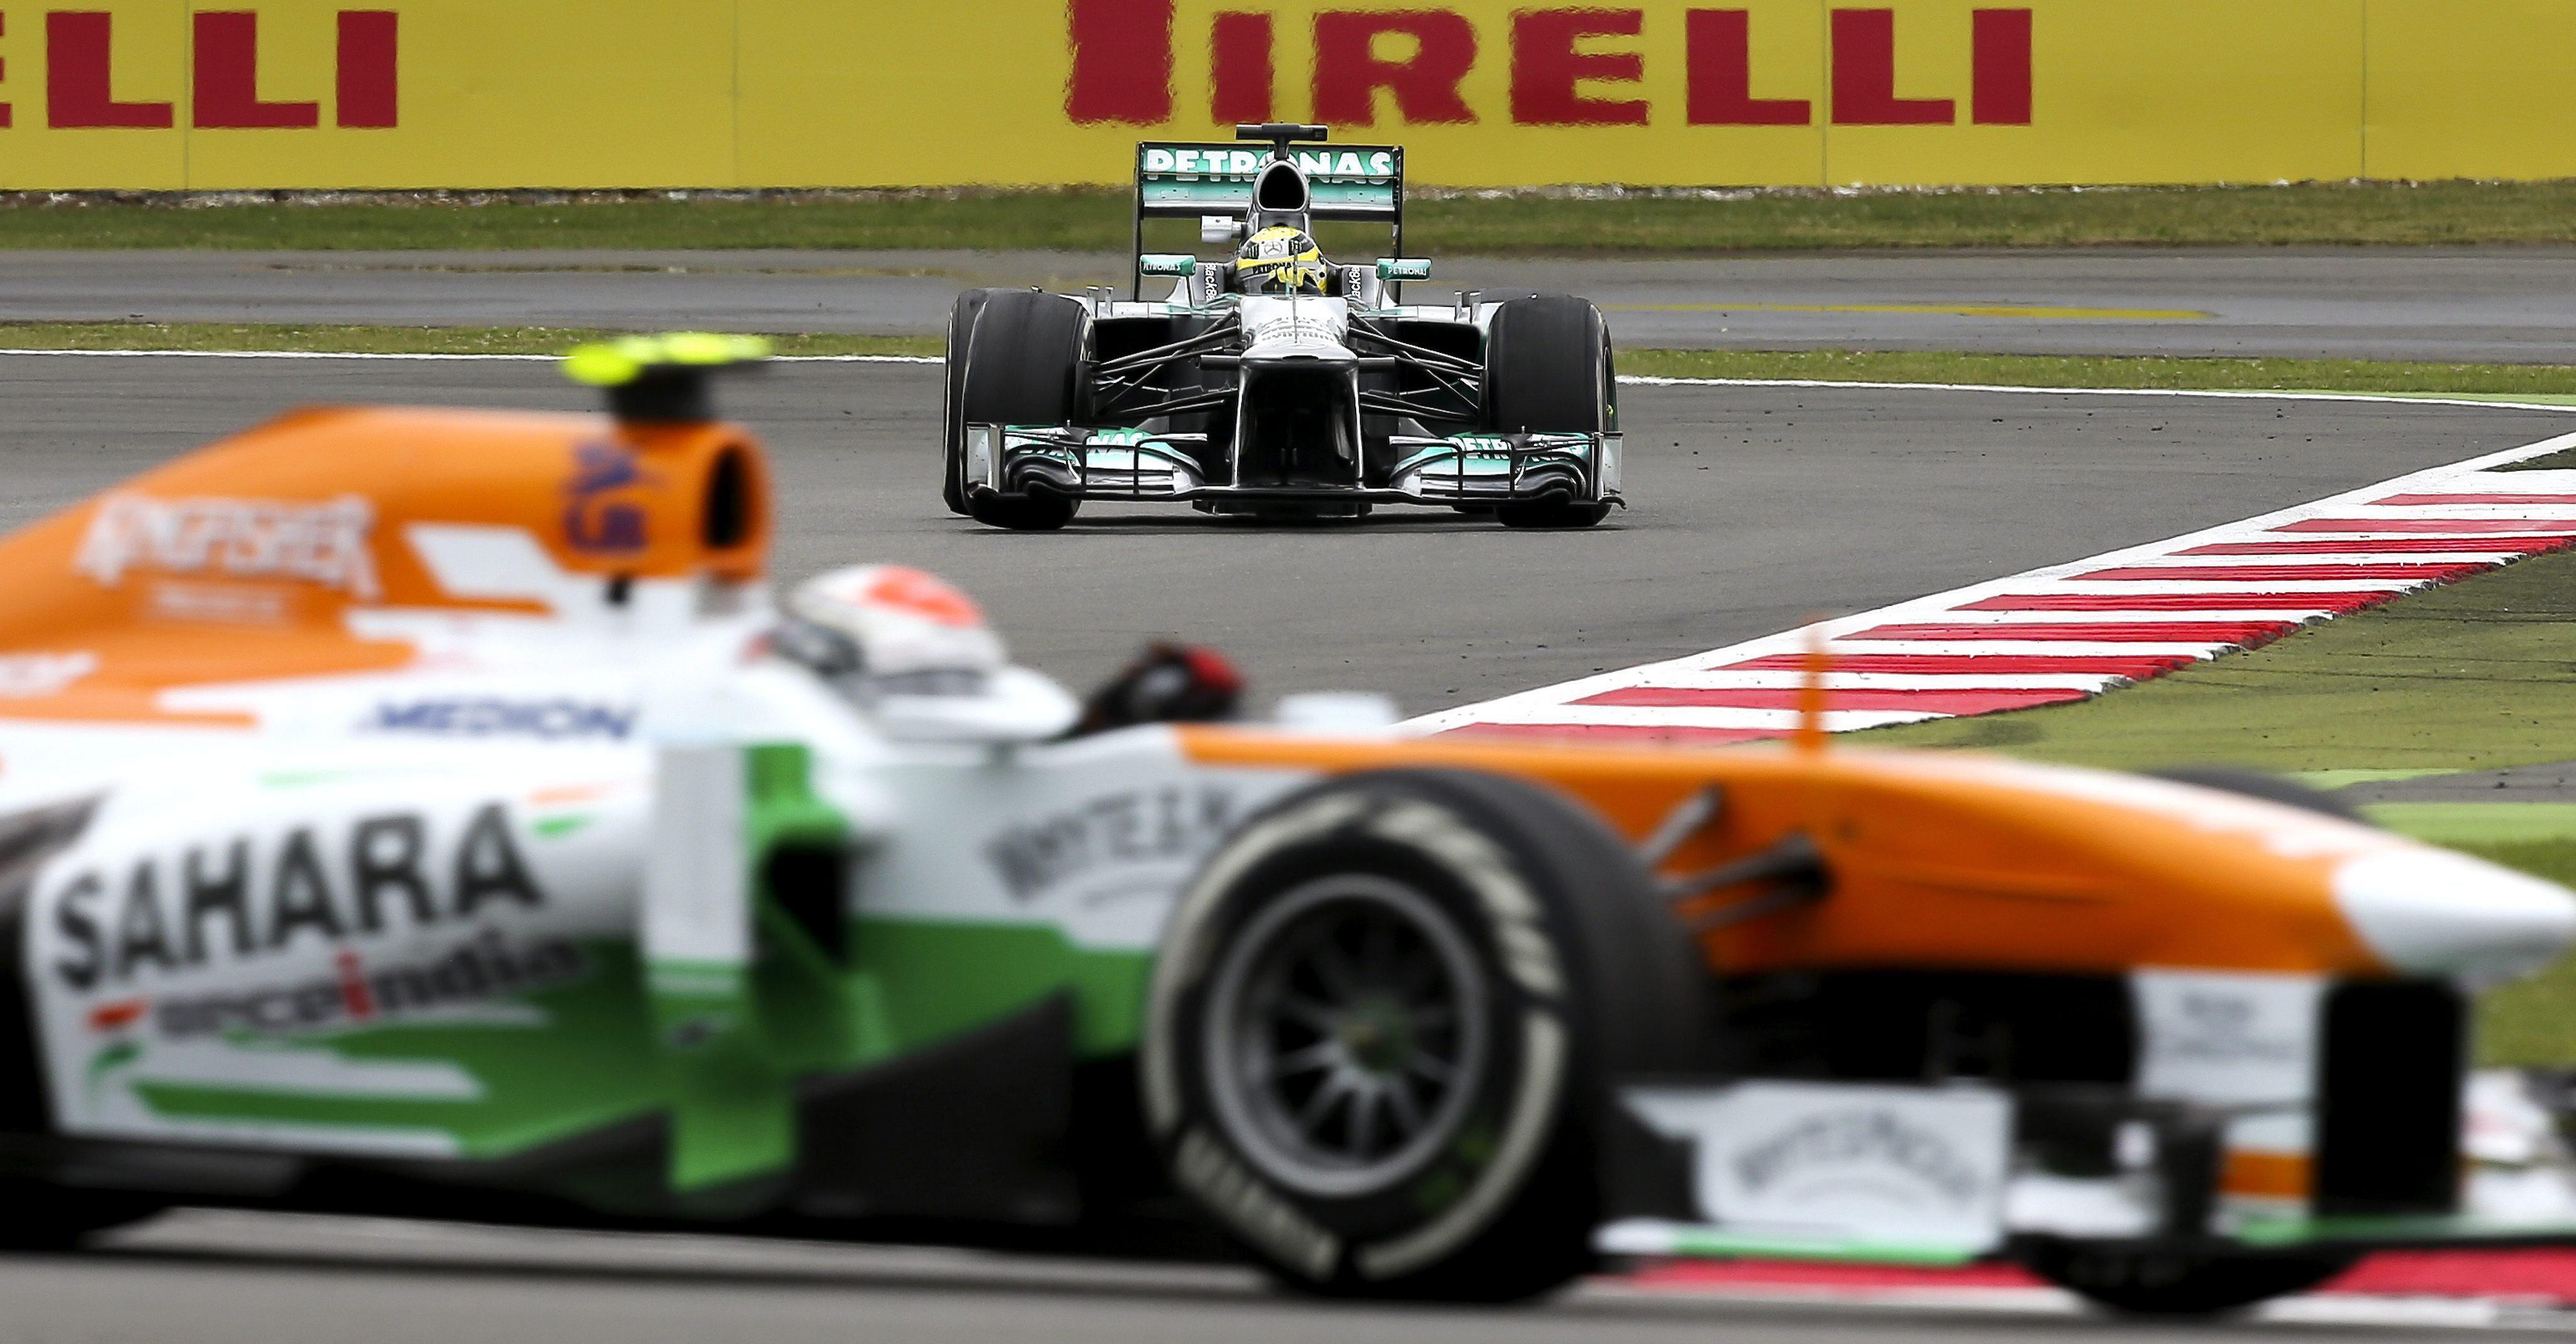 Rosberg domina la tercera sesión de los entrenamientos, con Alonso séptimo